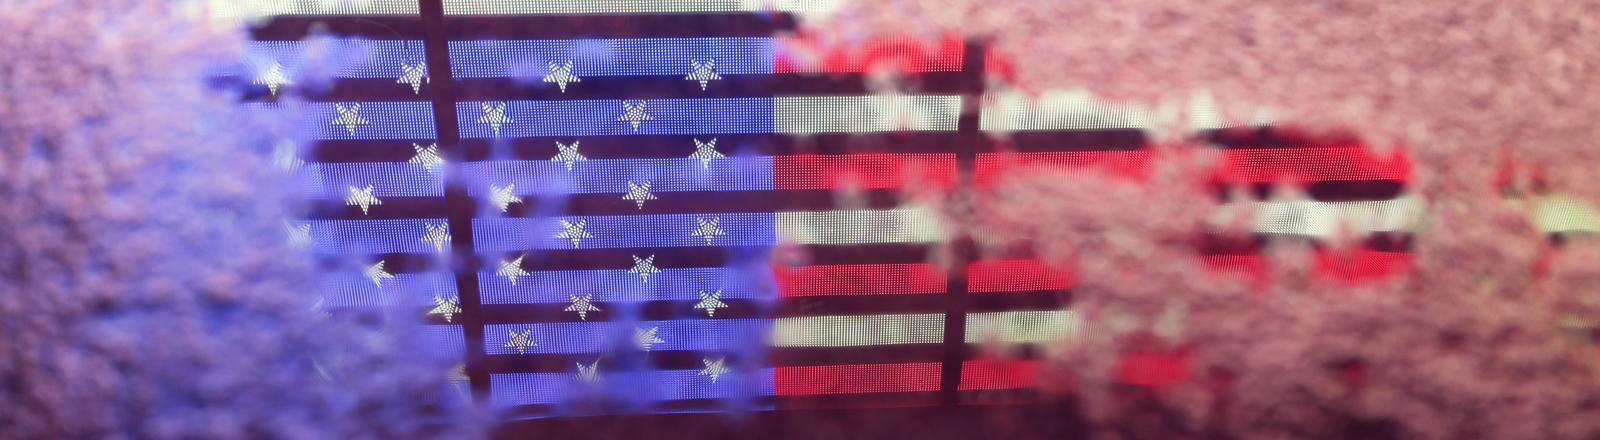 Spiegelung der amerikanischen Flagge in einer Pfütze